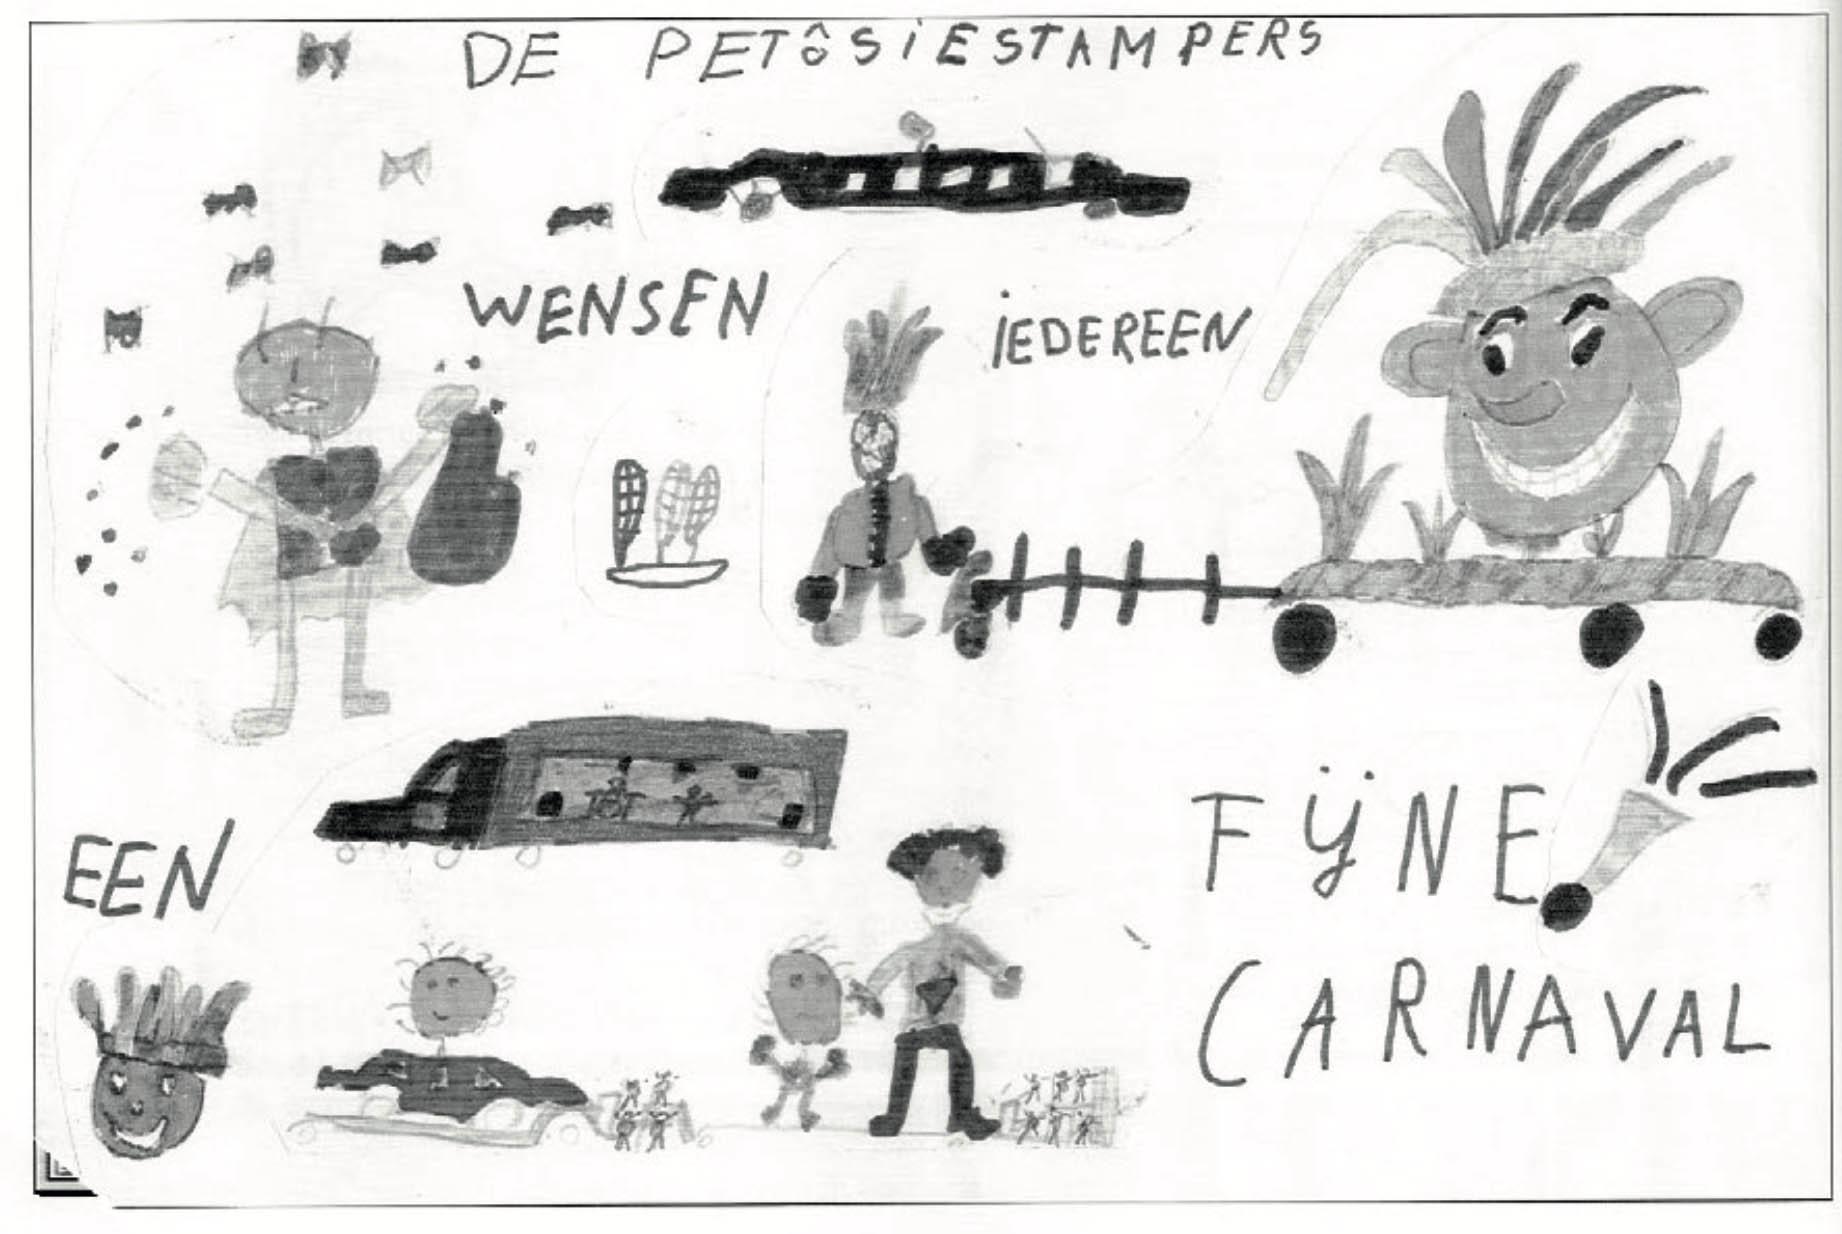 Stukje uit de carnavalskrant van de Petôsiestampers - 2001